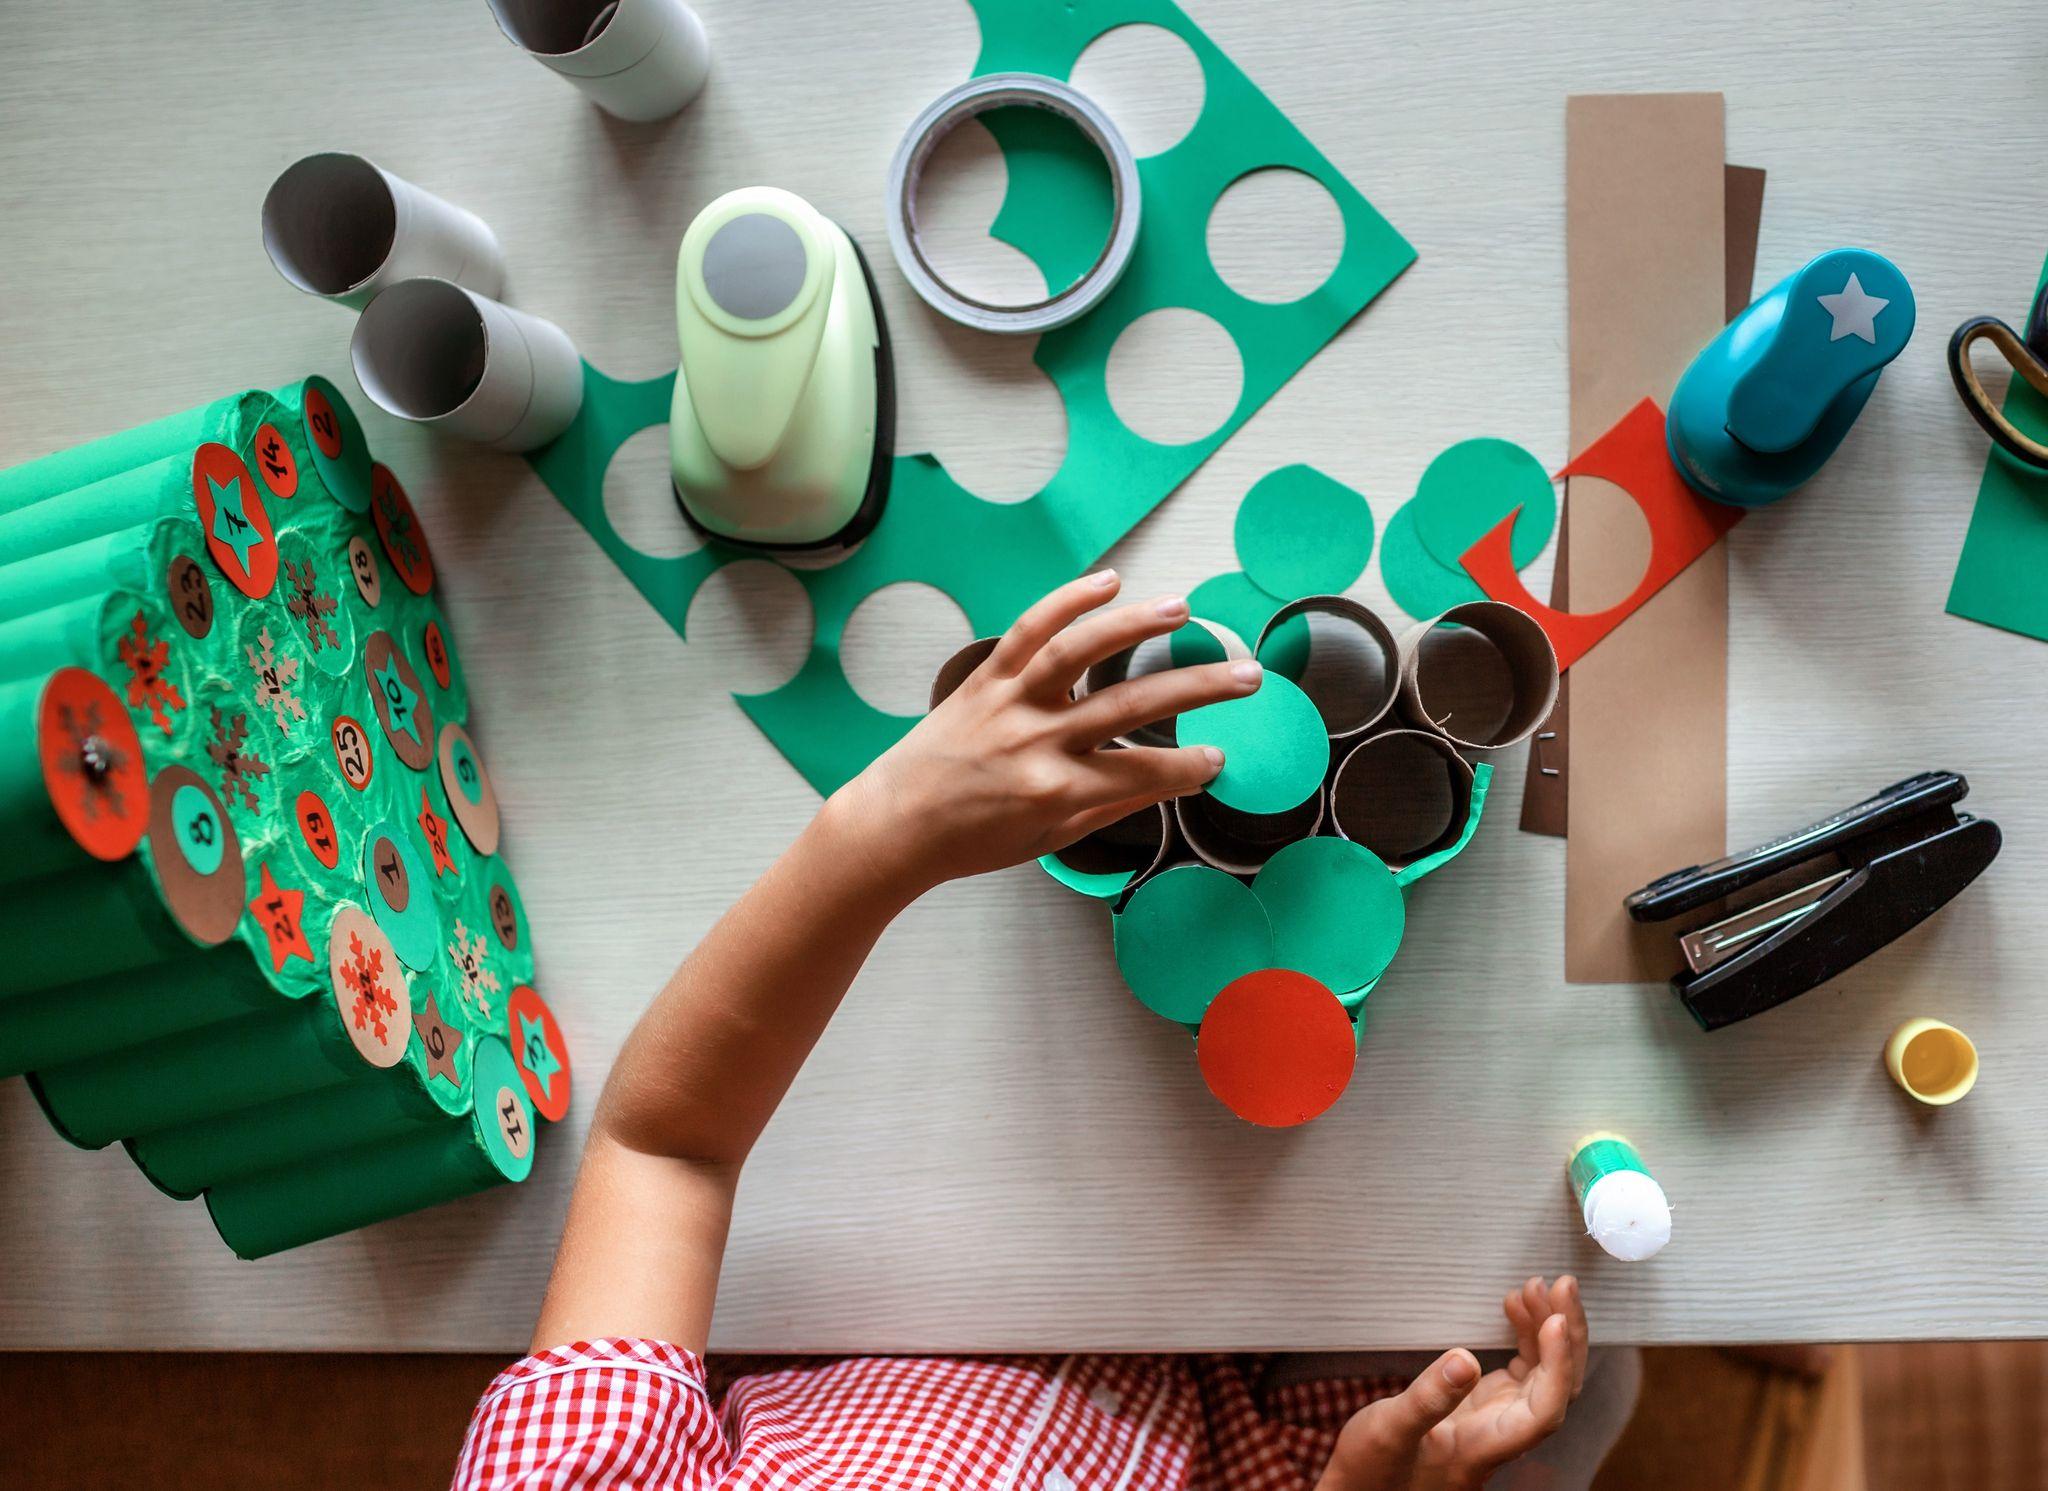 Décoration de Noel zéro déchet : calendrier de l'avent avec rouleaux de papiers toilettes